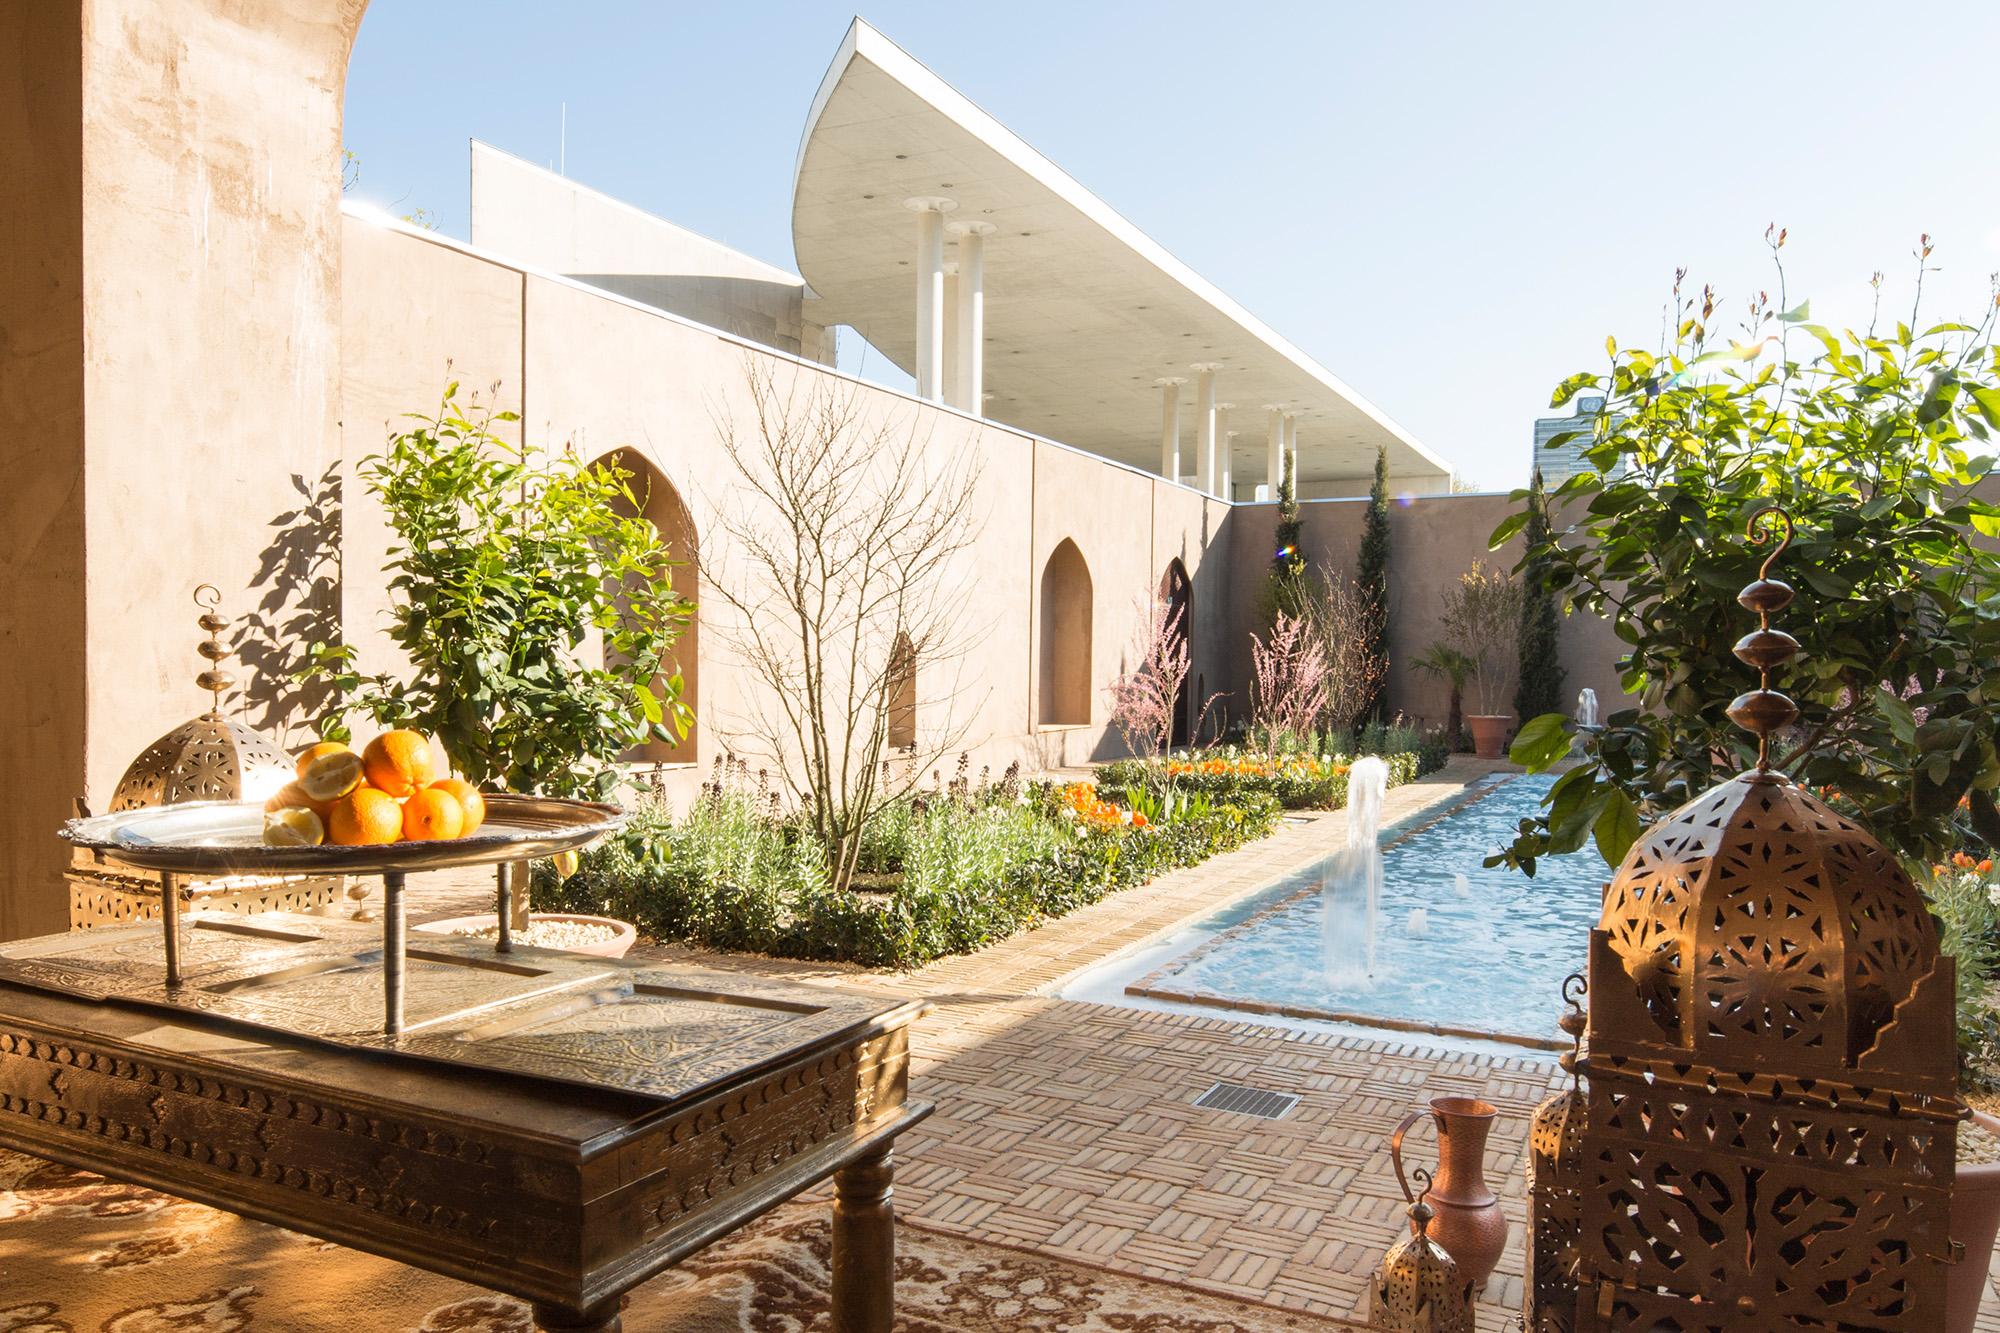 Orangen auf dem Tisch, Wasser, Pflanzen und Museumsgebäude